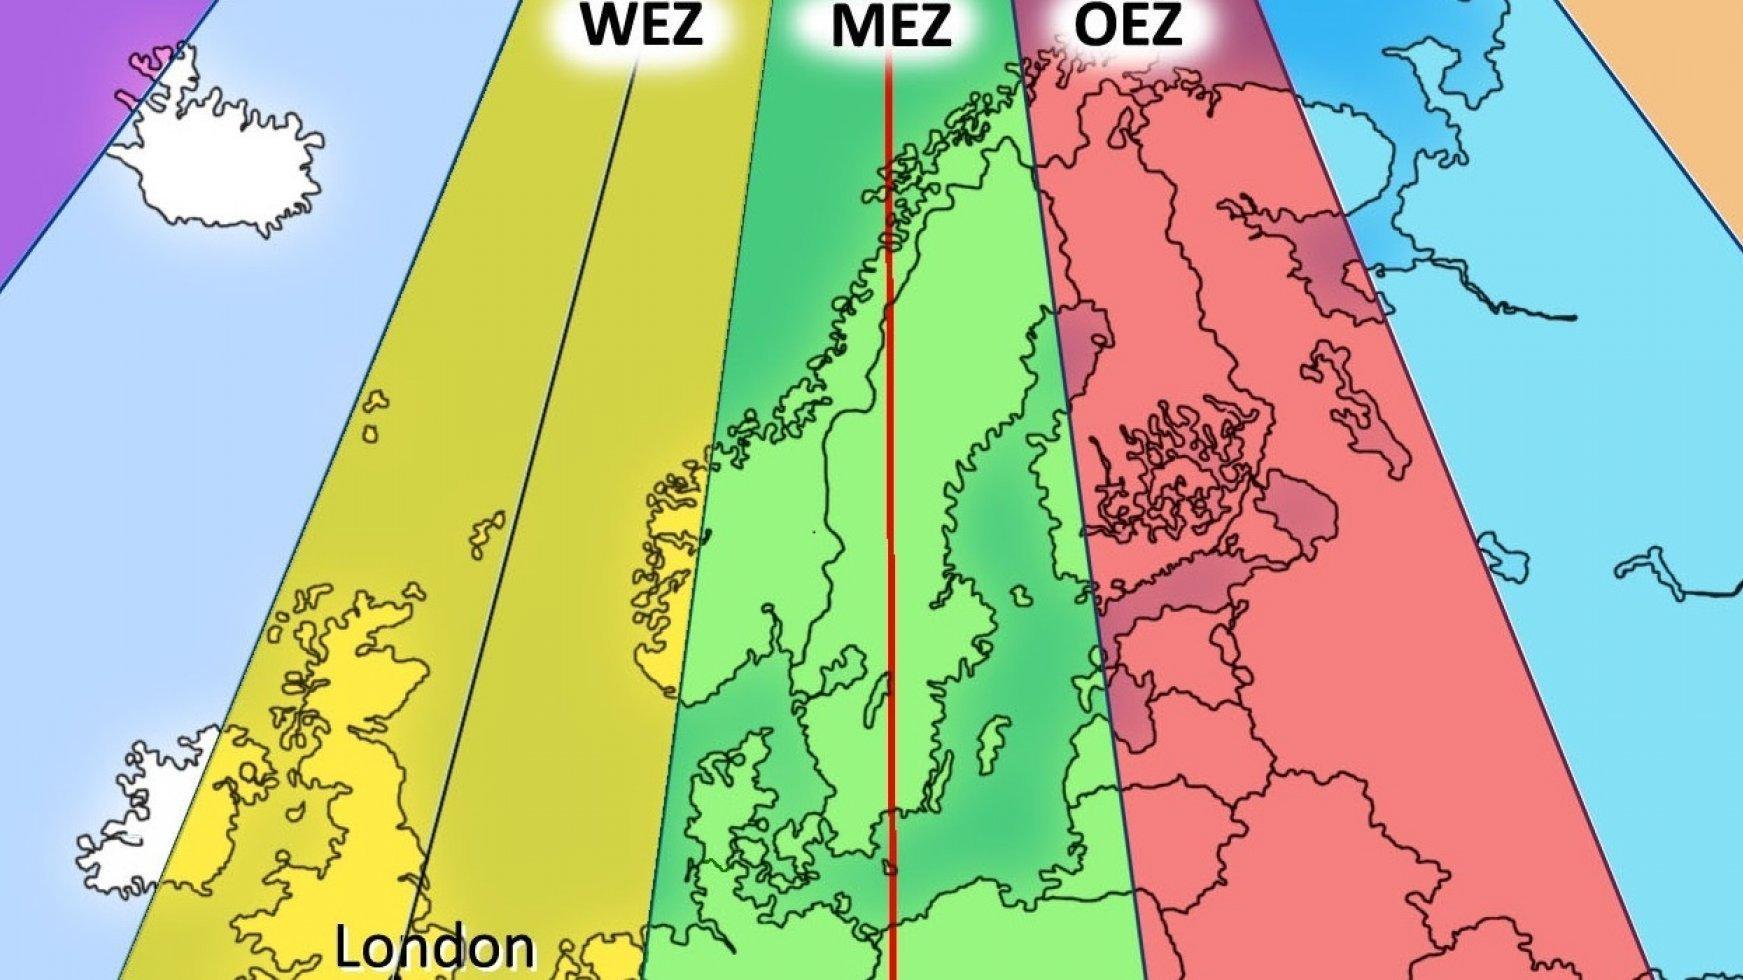 Eine Europakarte, die in mehrere Zeitzonen eingeteilt ist. Die Zeitzonen sind unterschiedlich angefärbt.